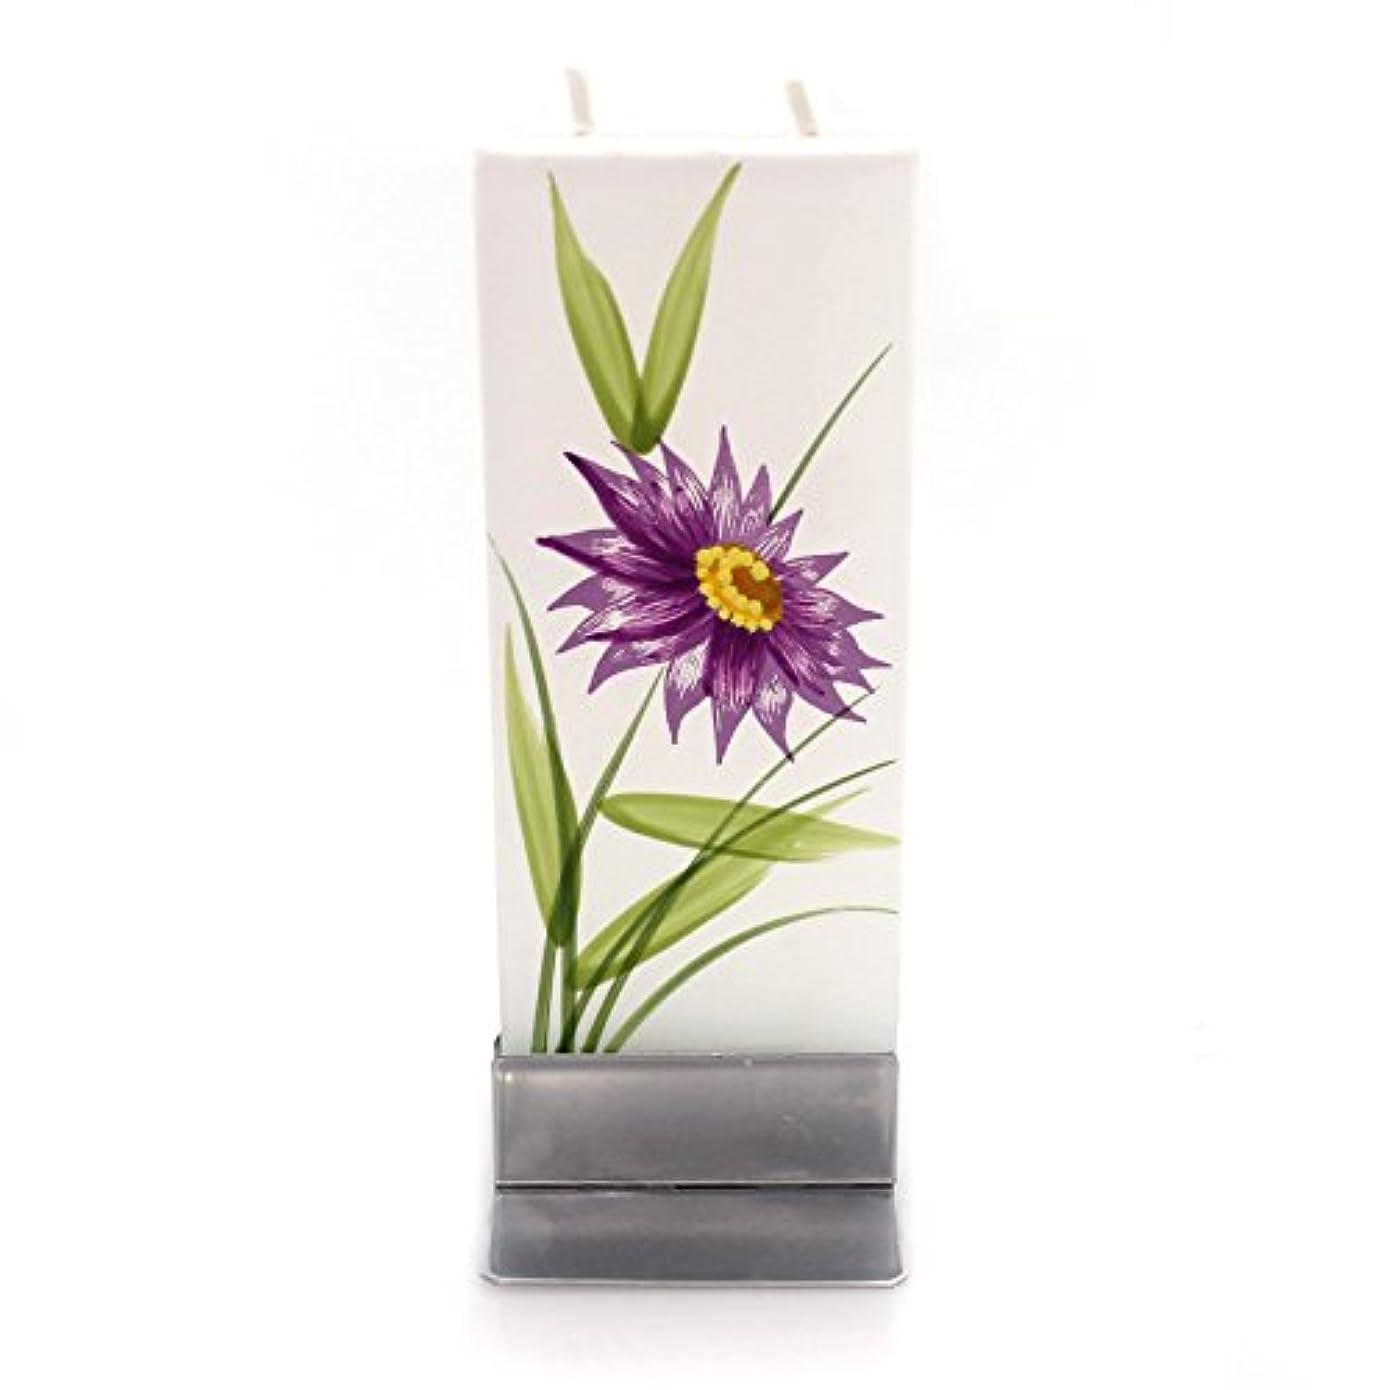 アシスト攻撃的キリンホームデコレーションパープル花W /イエローCentre Dripless Fragrance Free Candle f1640